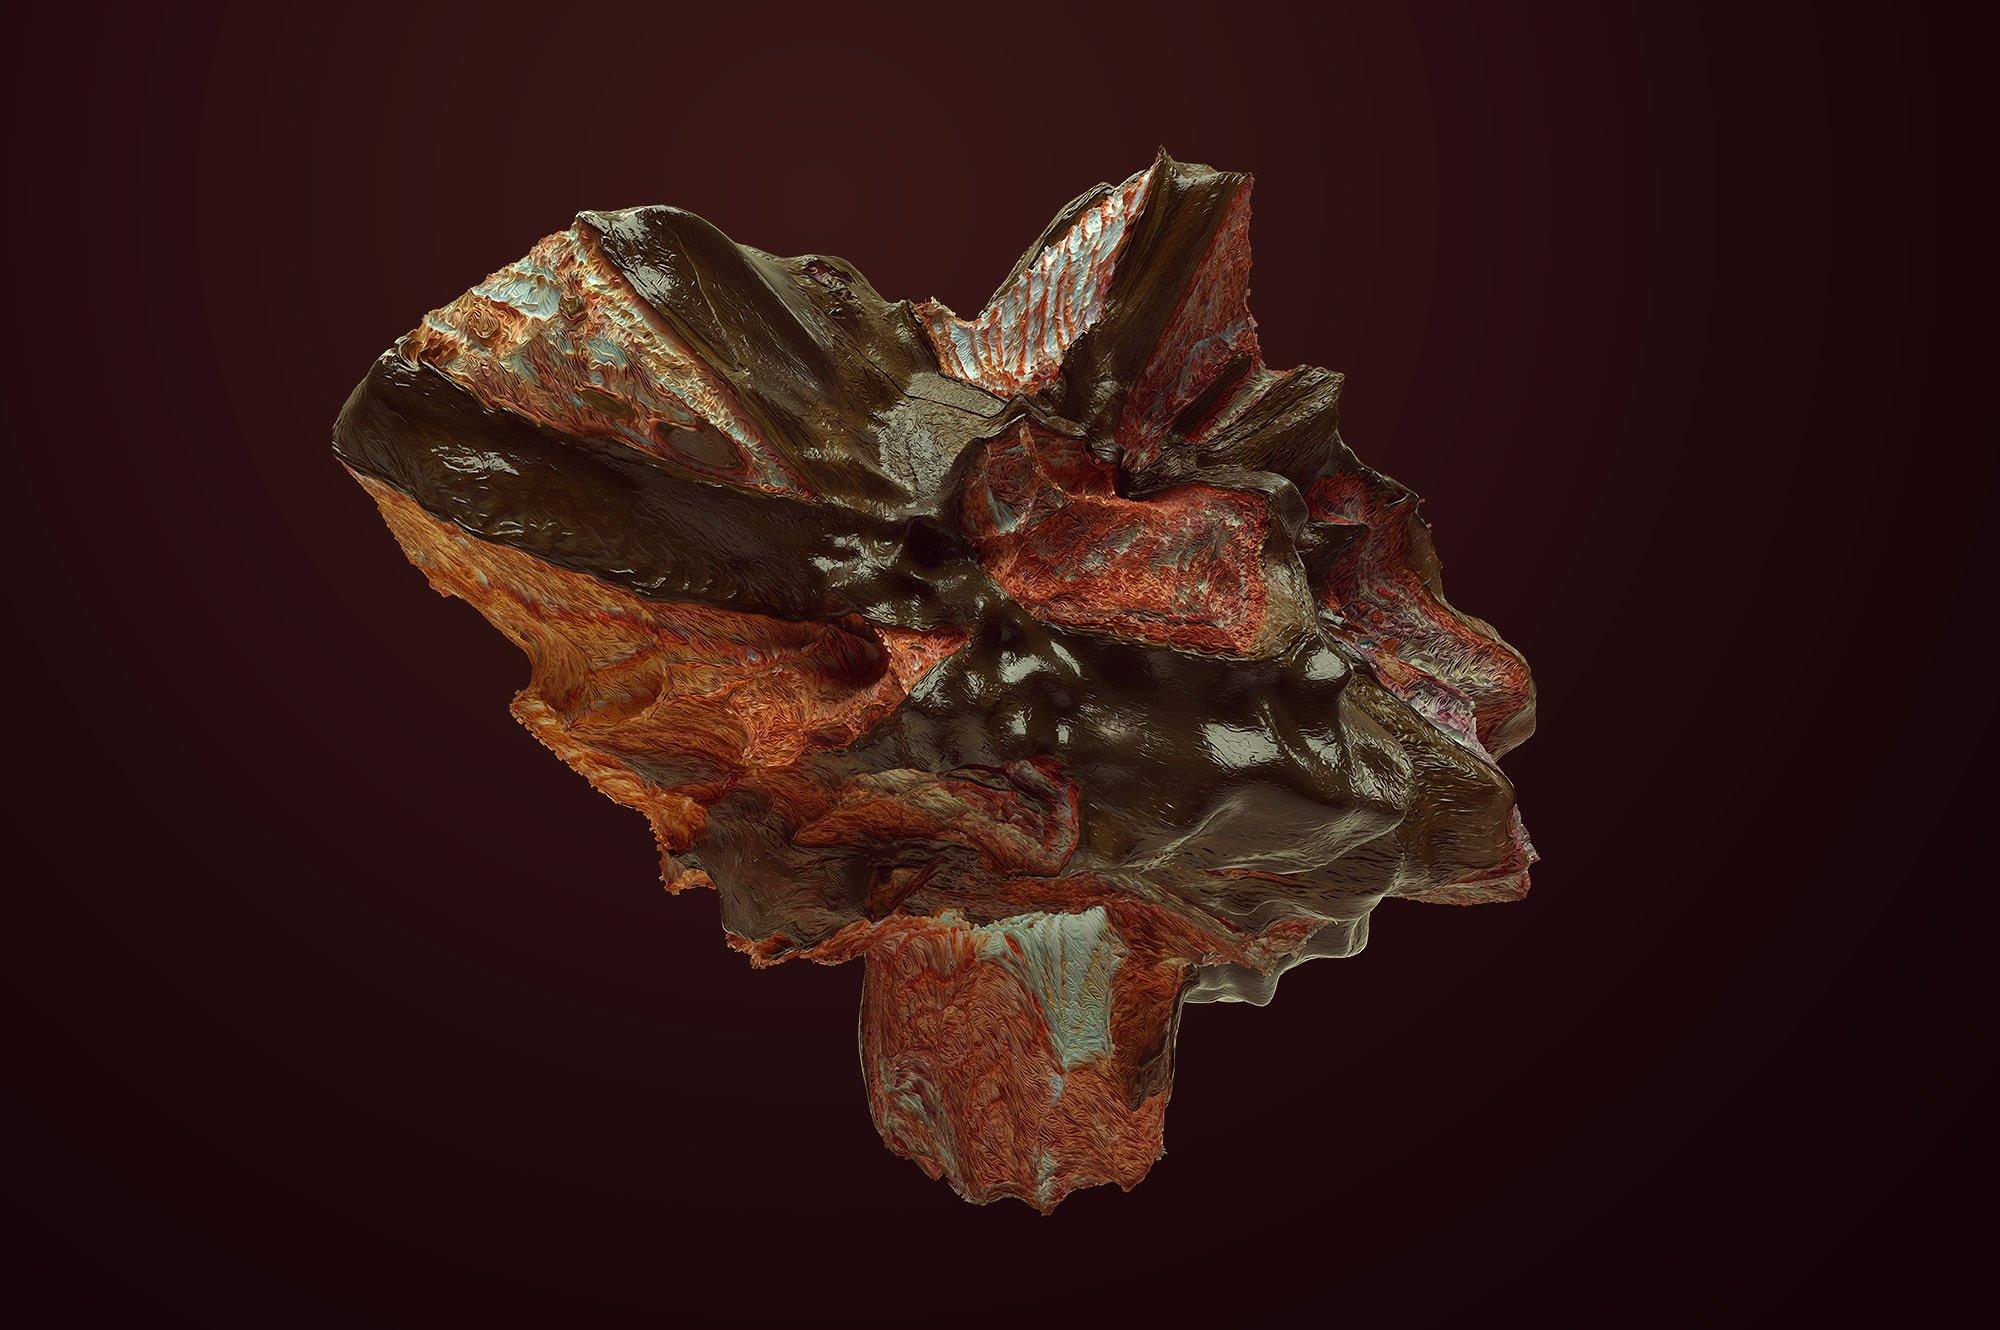 创意抽象纹理系列:10款混合油漆矿石有机图案3D纹理&PS笔刷 Tectonic (Exclusive)插图6